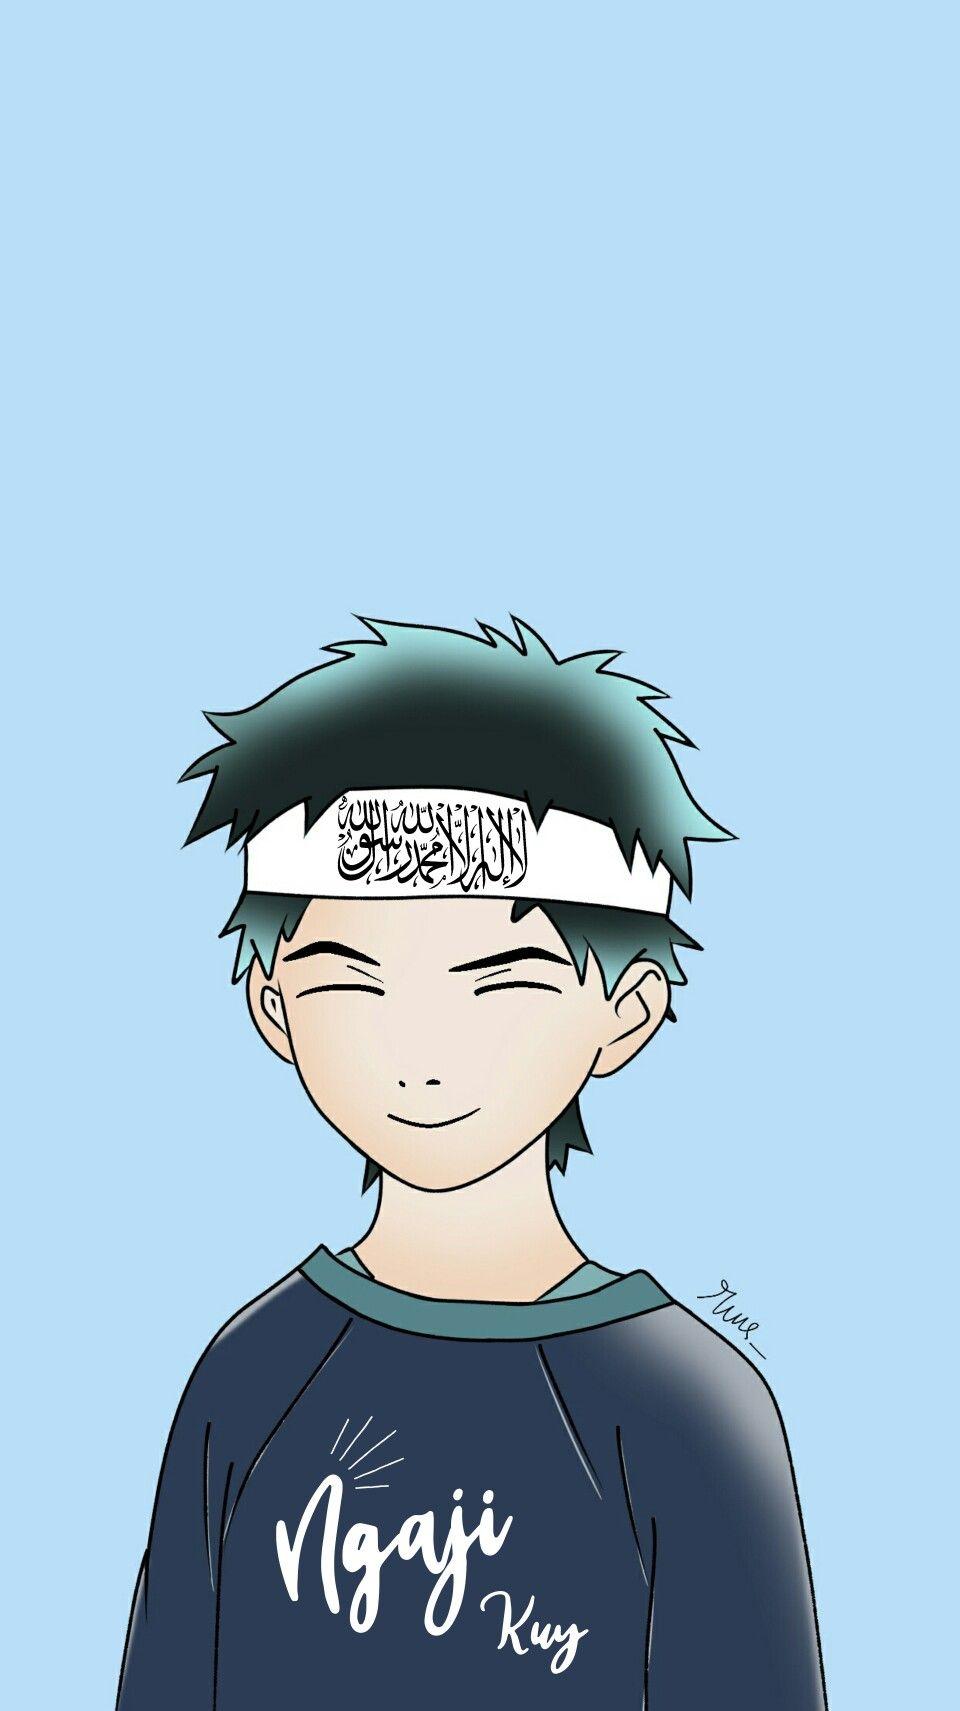 Art Boy Anime Gambar Karakter Ilustrasi Komik Animasi